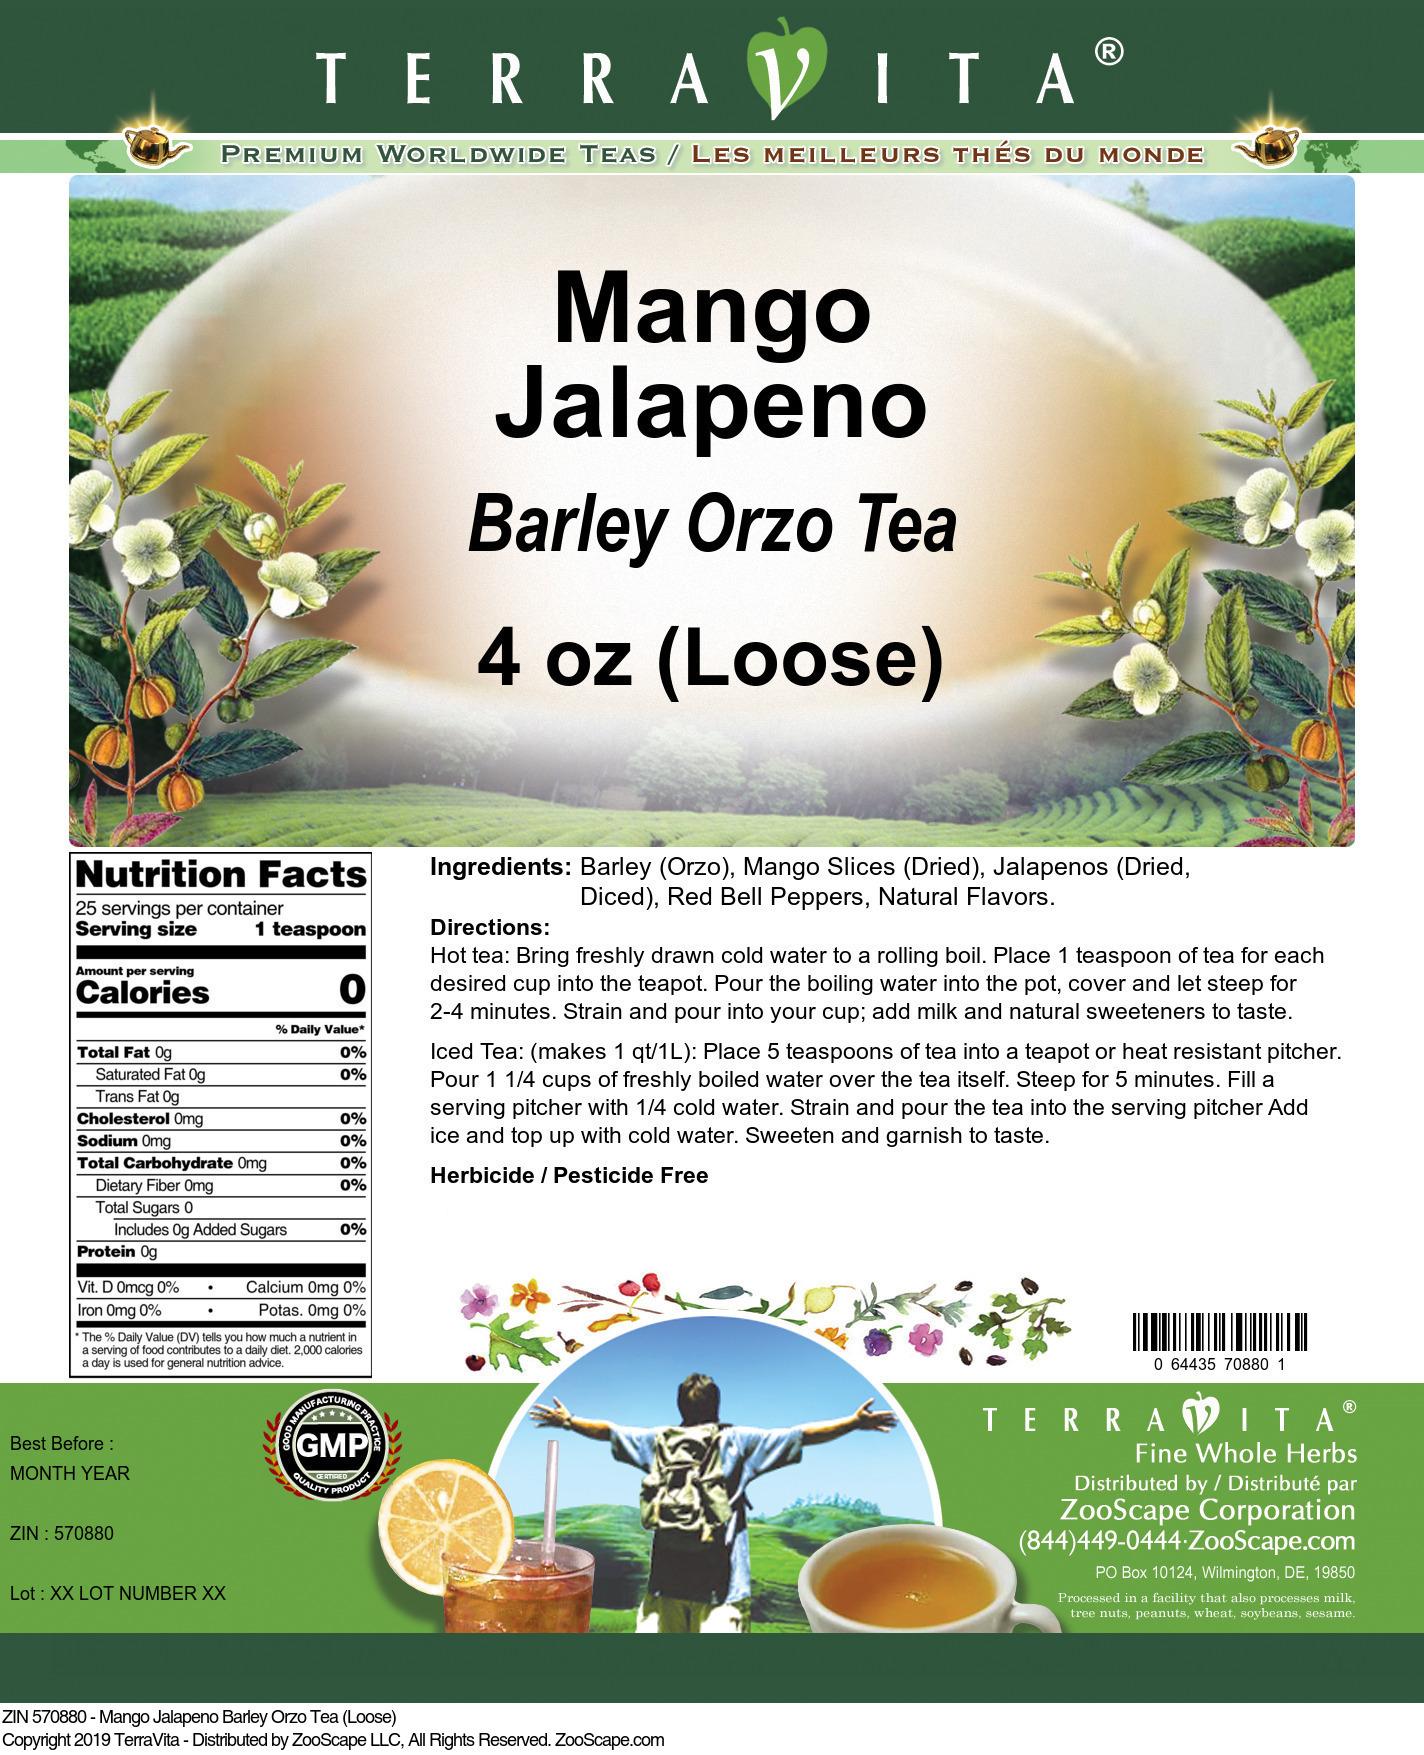 Mango Jalapeno Barley Orzo